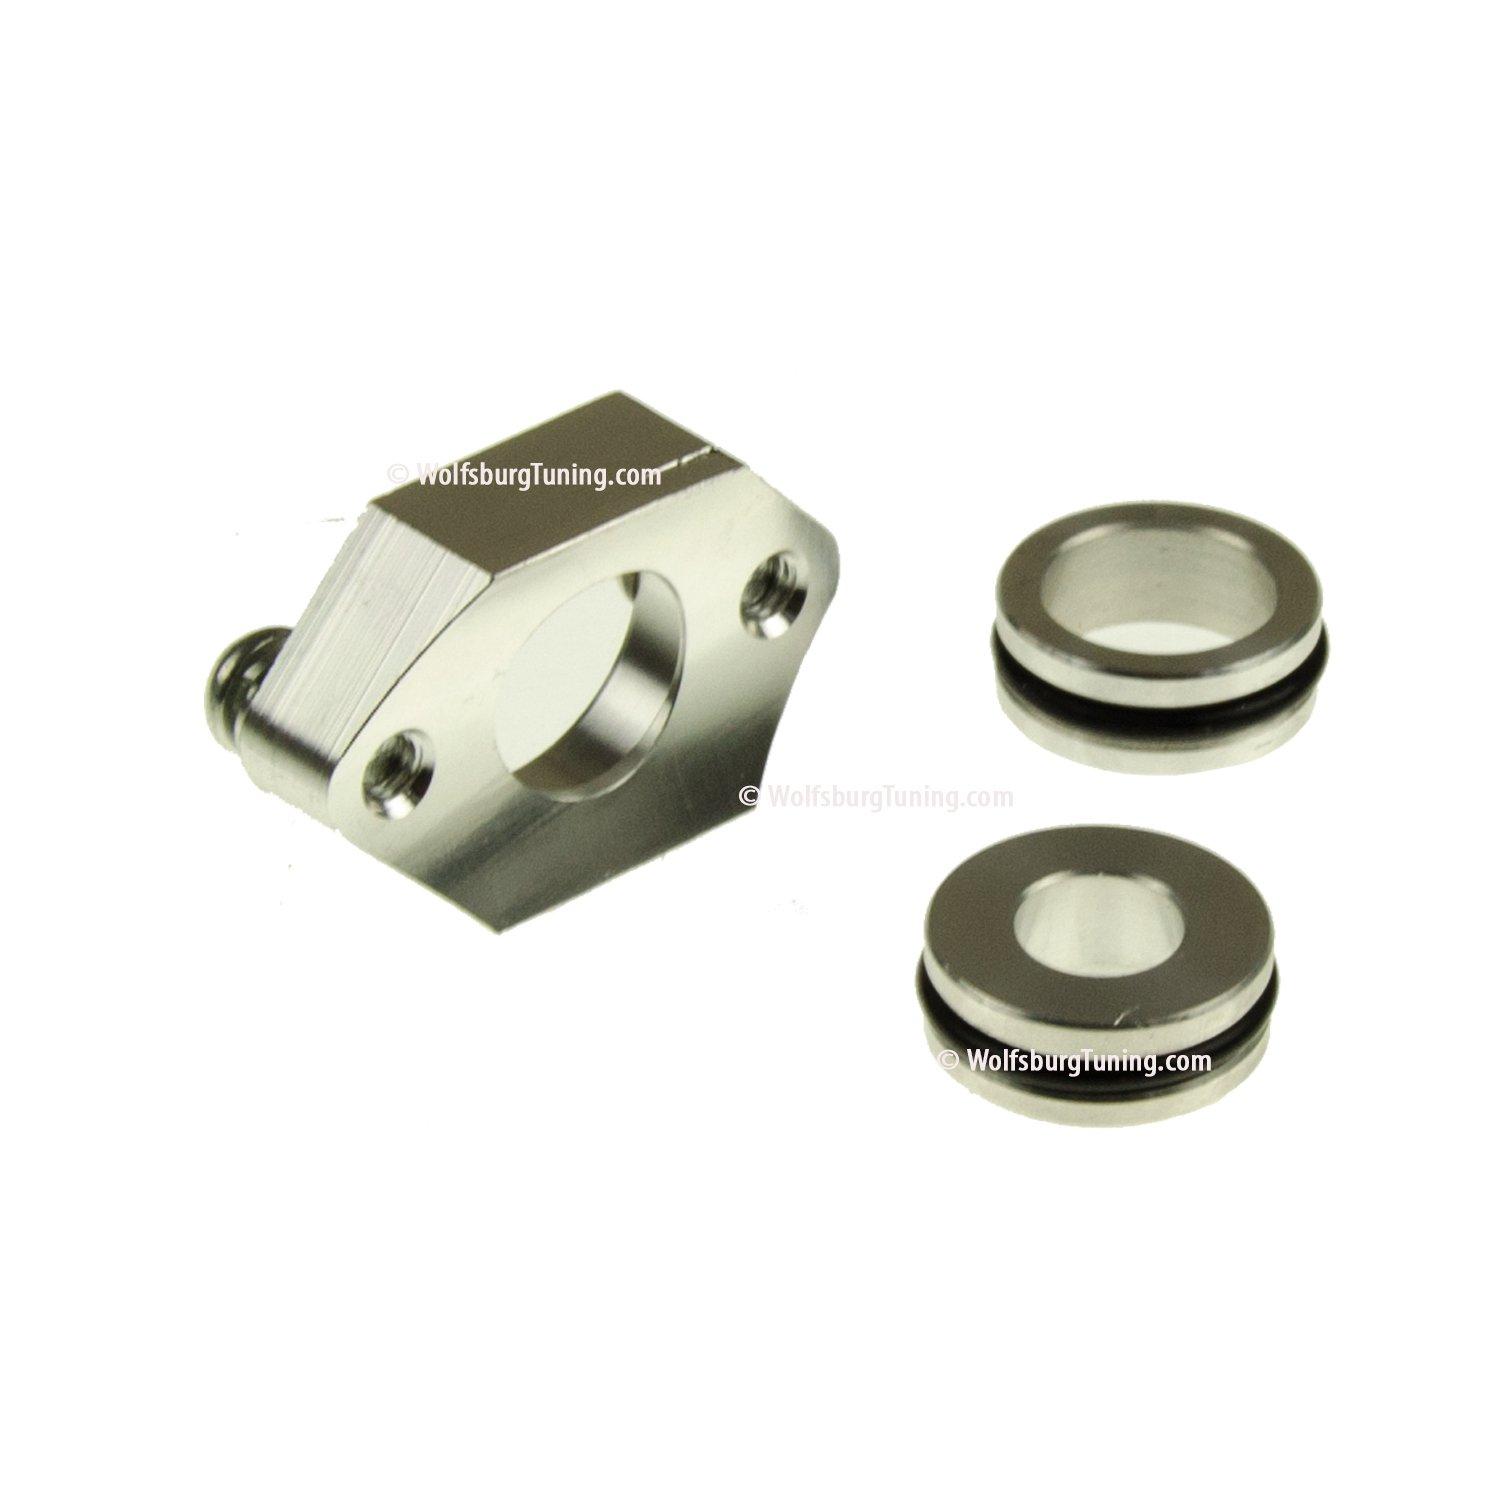 Wolfsburg Tuning 1.8T Turbo Map Sensor adapter Boost fits VW Audi MK4 B6 B5 1.8 T